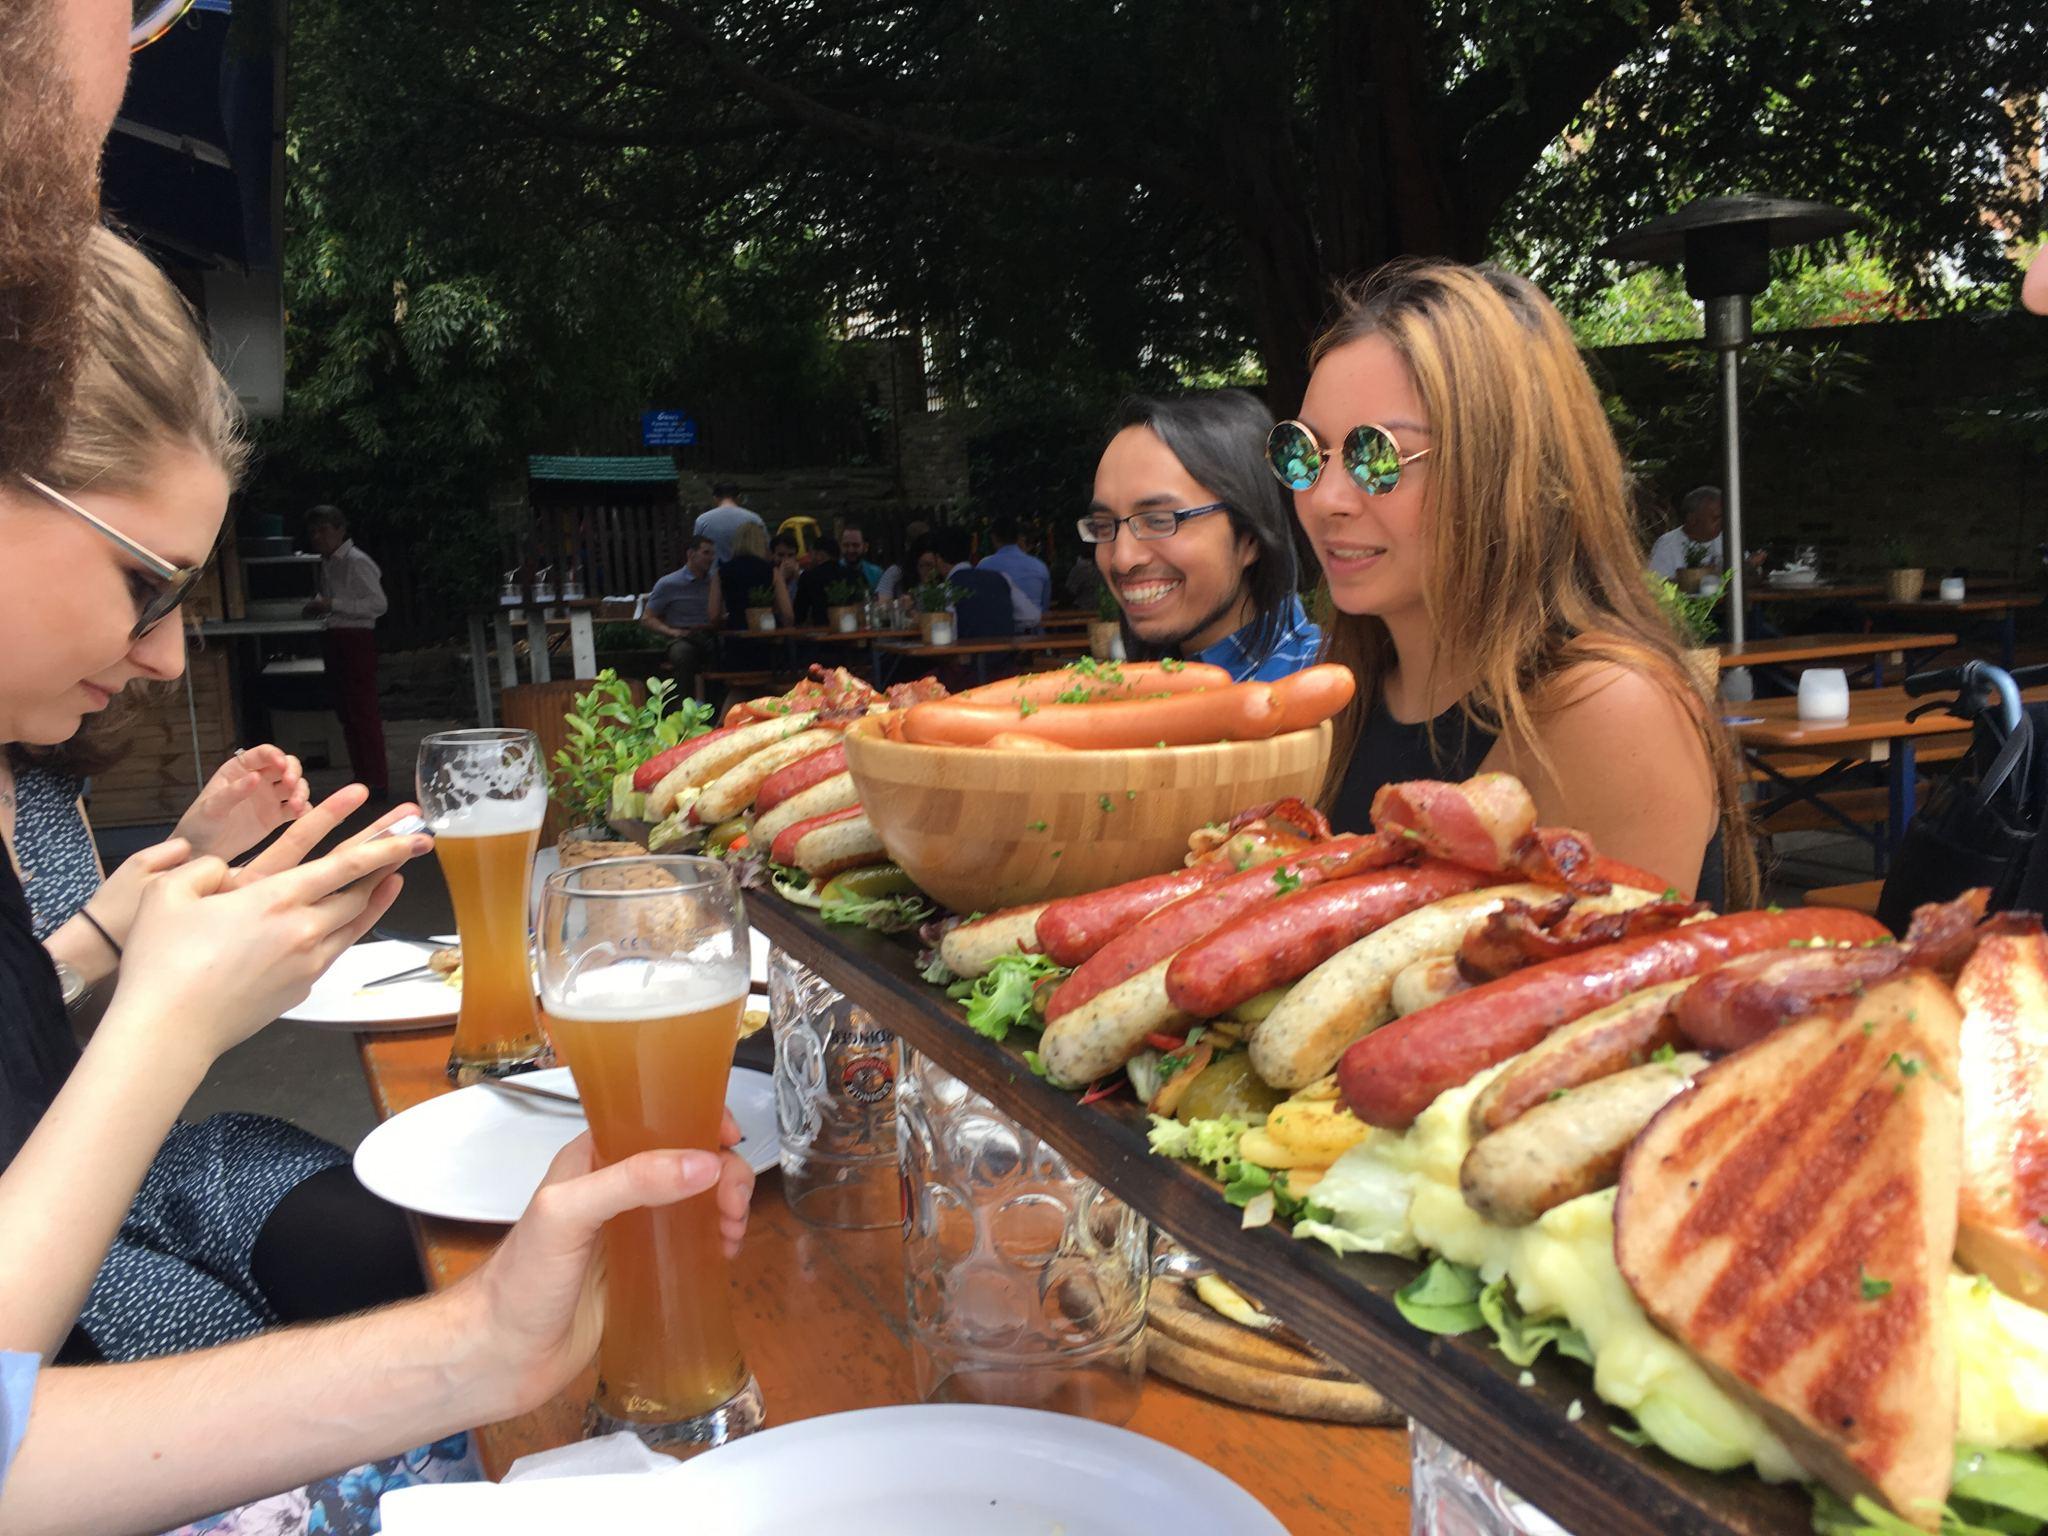 Richmond Stein's sausage platter